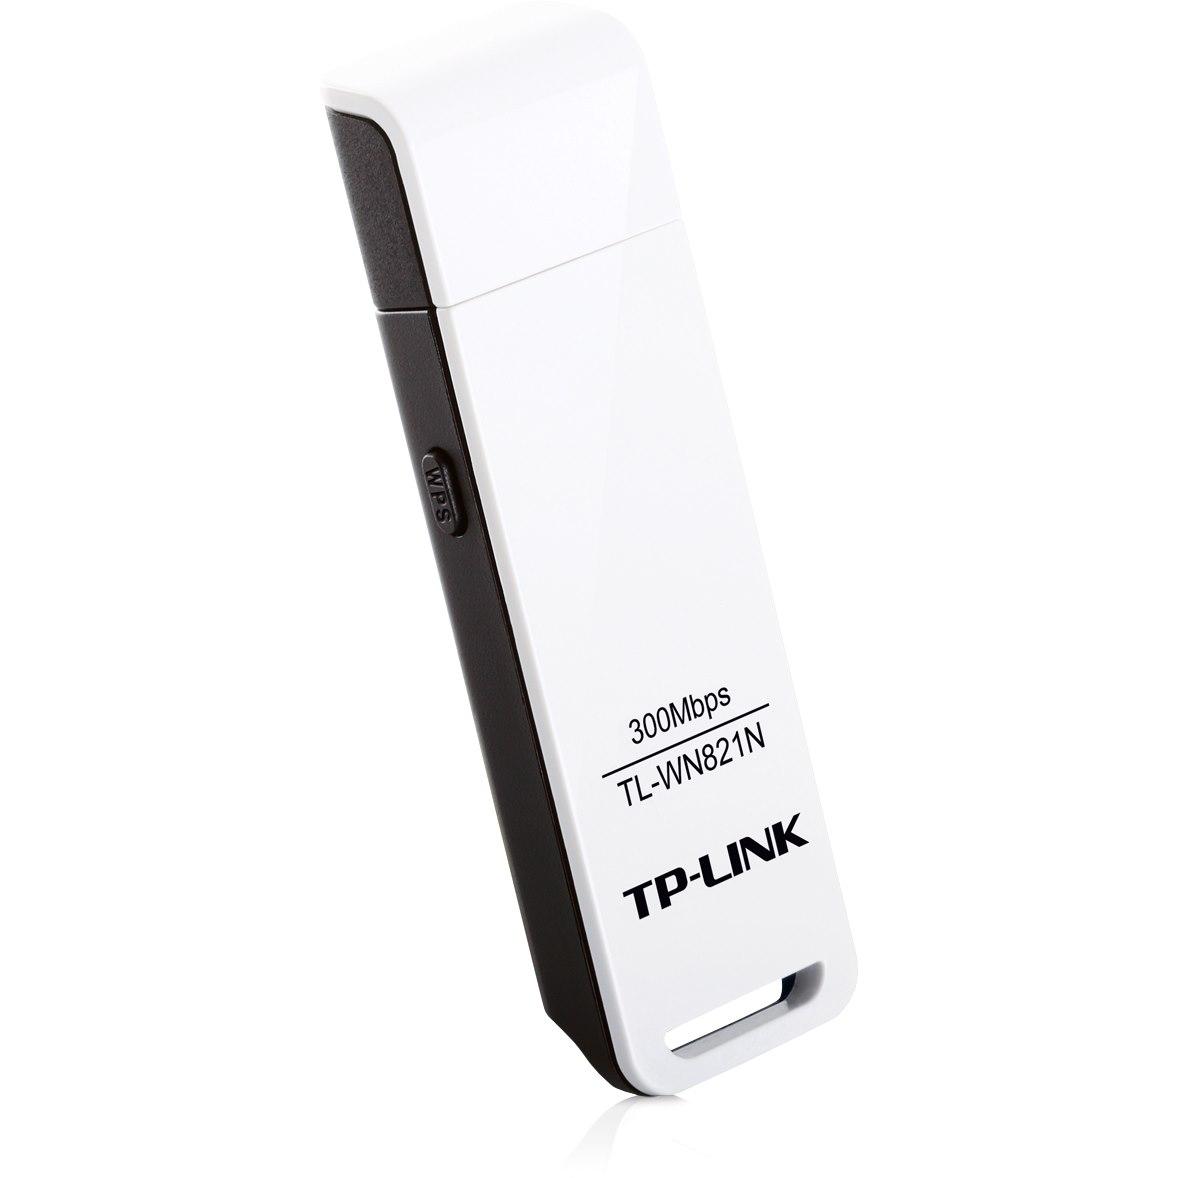 TP-LINK TL-WN821N IEEE 802.11n - Wi-Fi Adapter